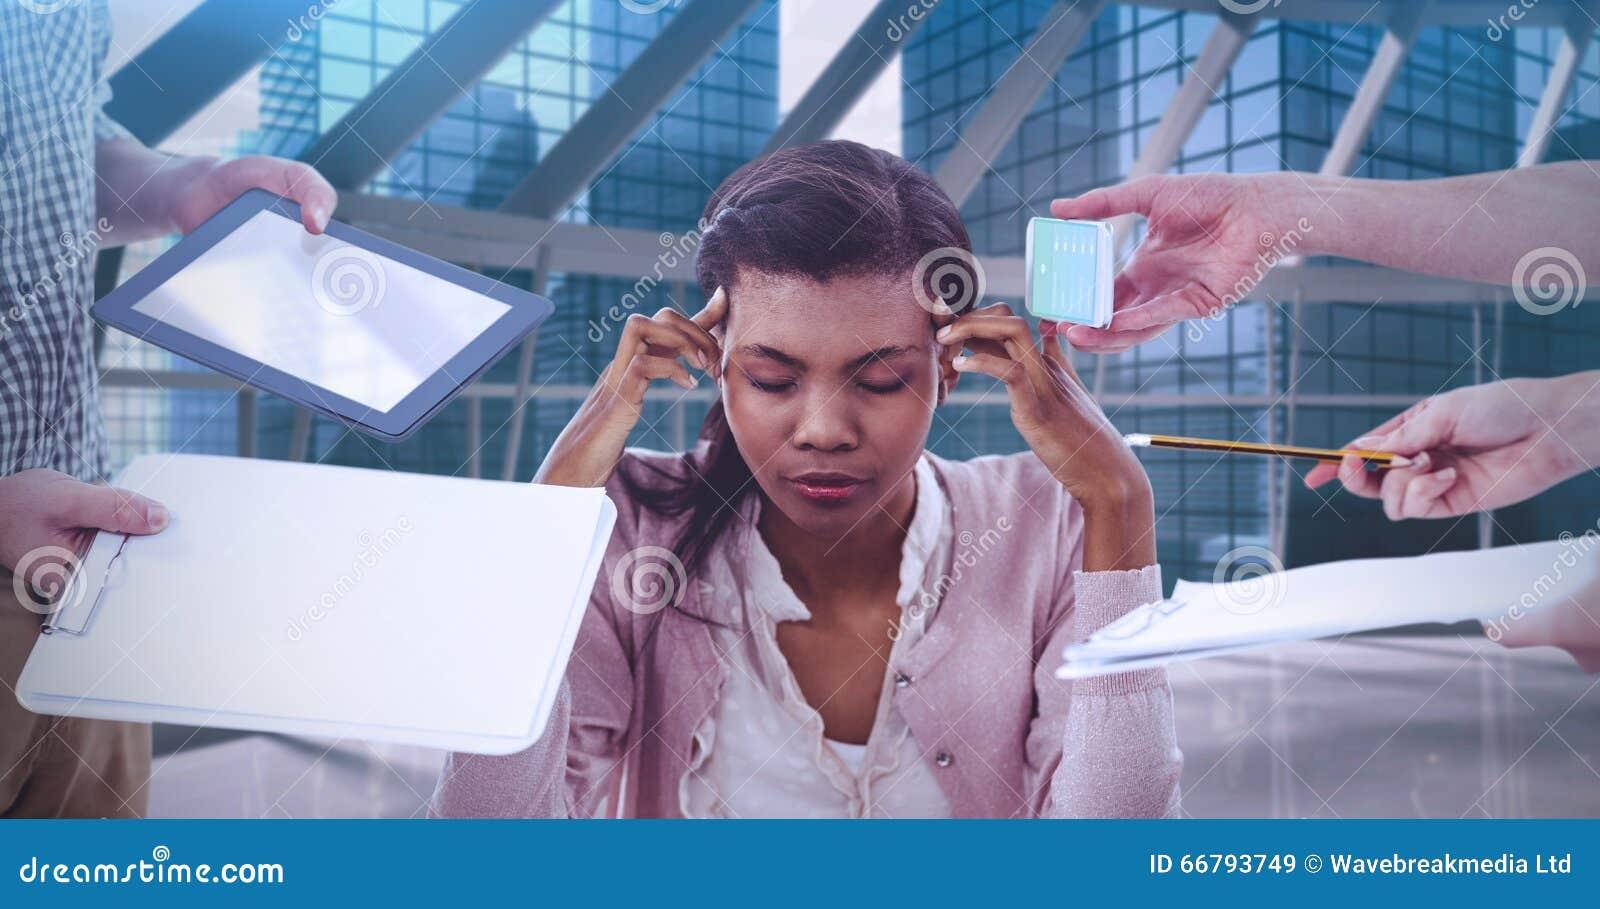 Zusammengesetztes Bild der Geschäftsfrau heraus betont bei der Arbeit